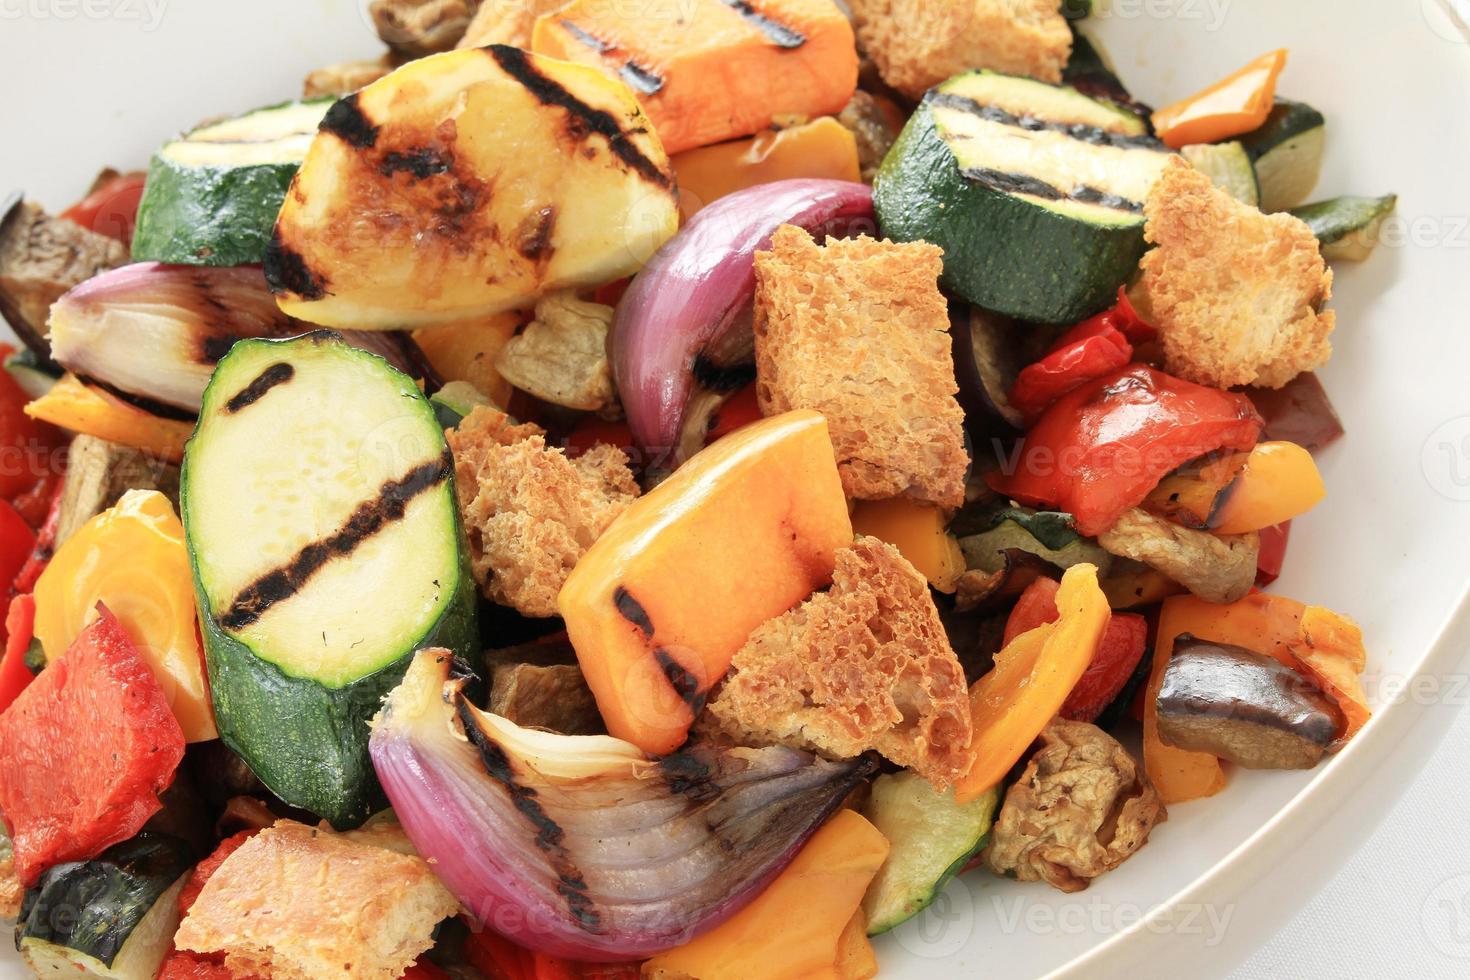 rostade grönsaker med balsamvinäger foto